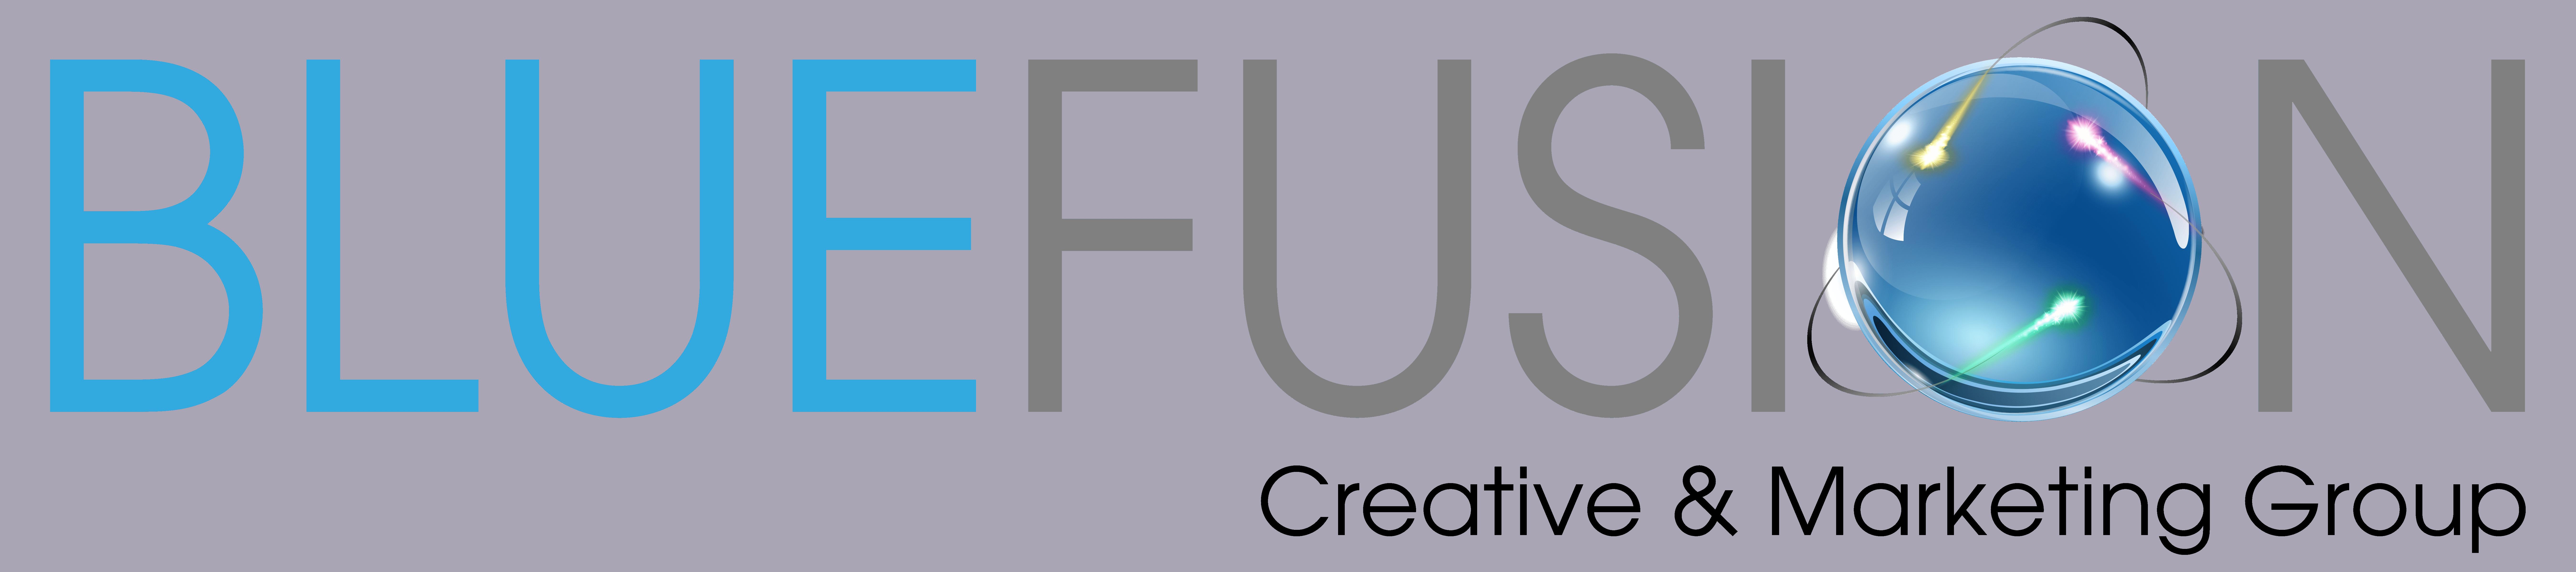 Bluefusion Creative